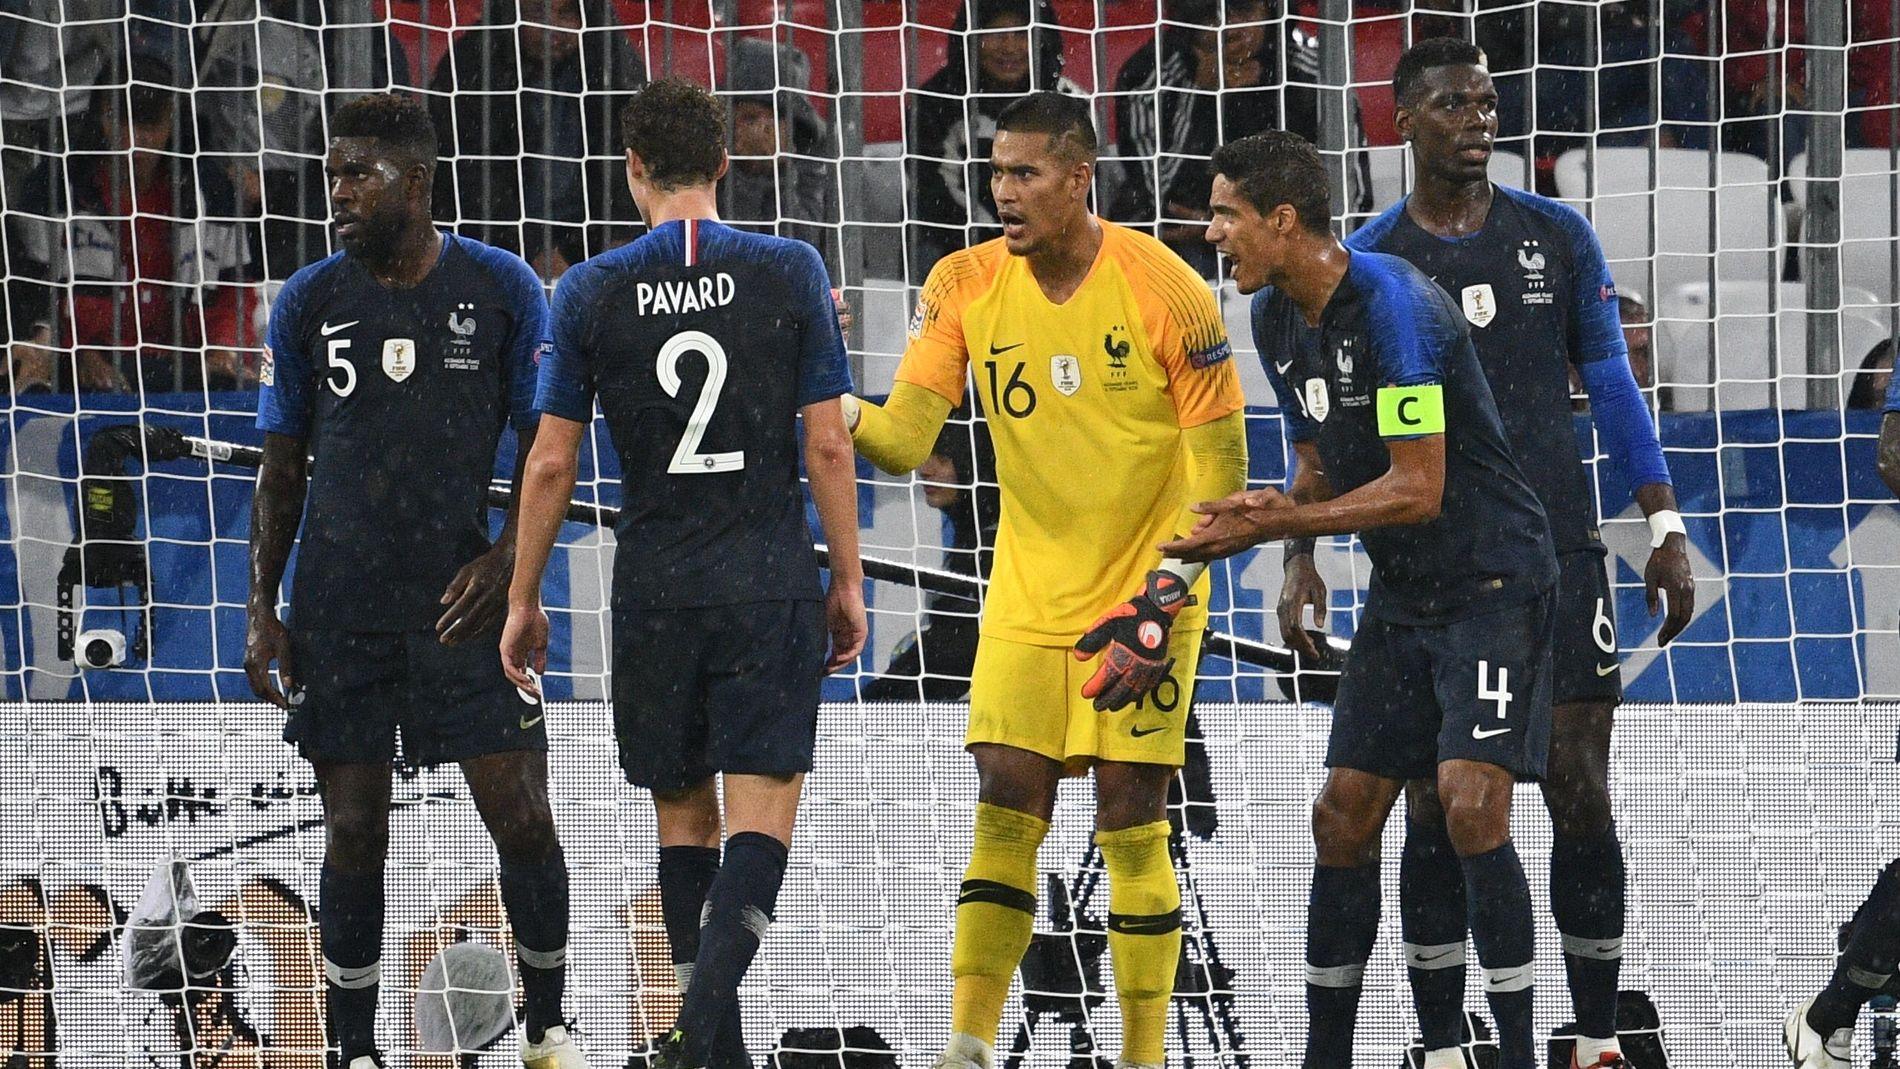 Frankrikes Herrelandslag Fotball Vg